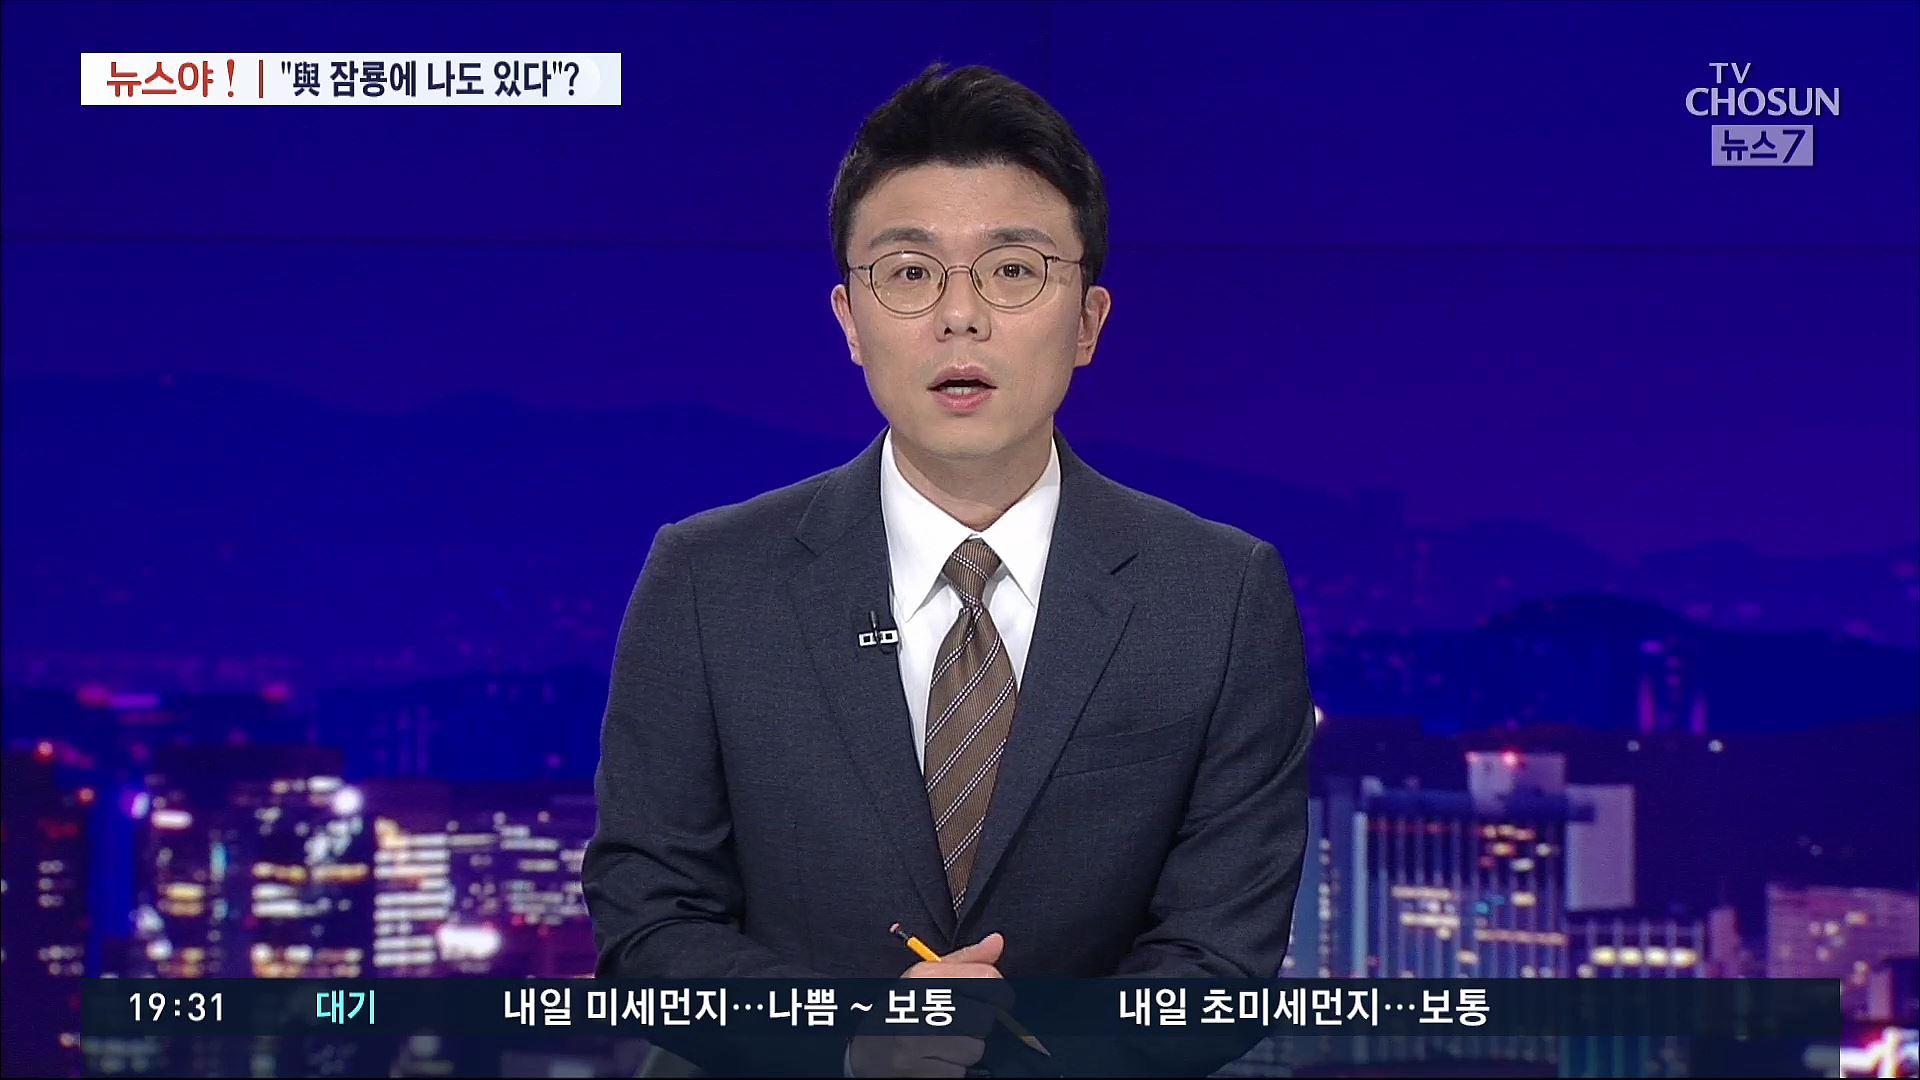 [뉴스야?!] SK·KS '與 잠룡에 나도 있다'?